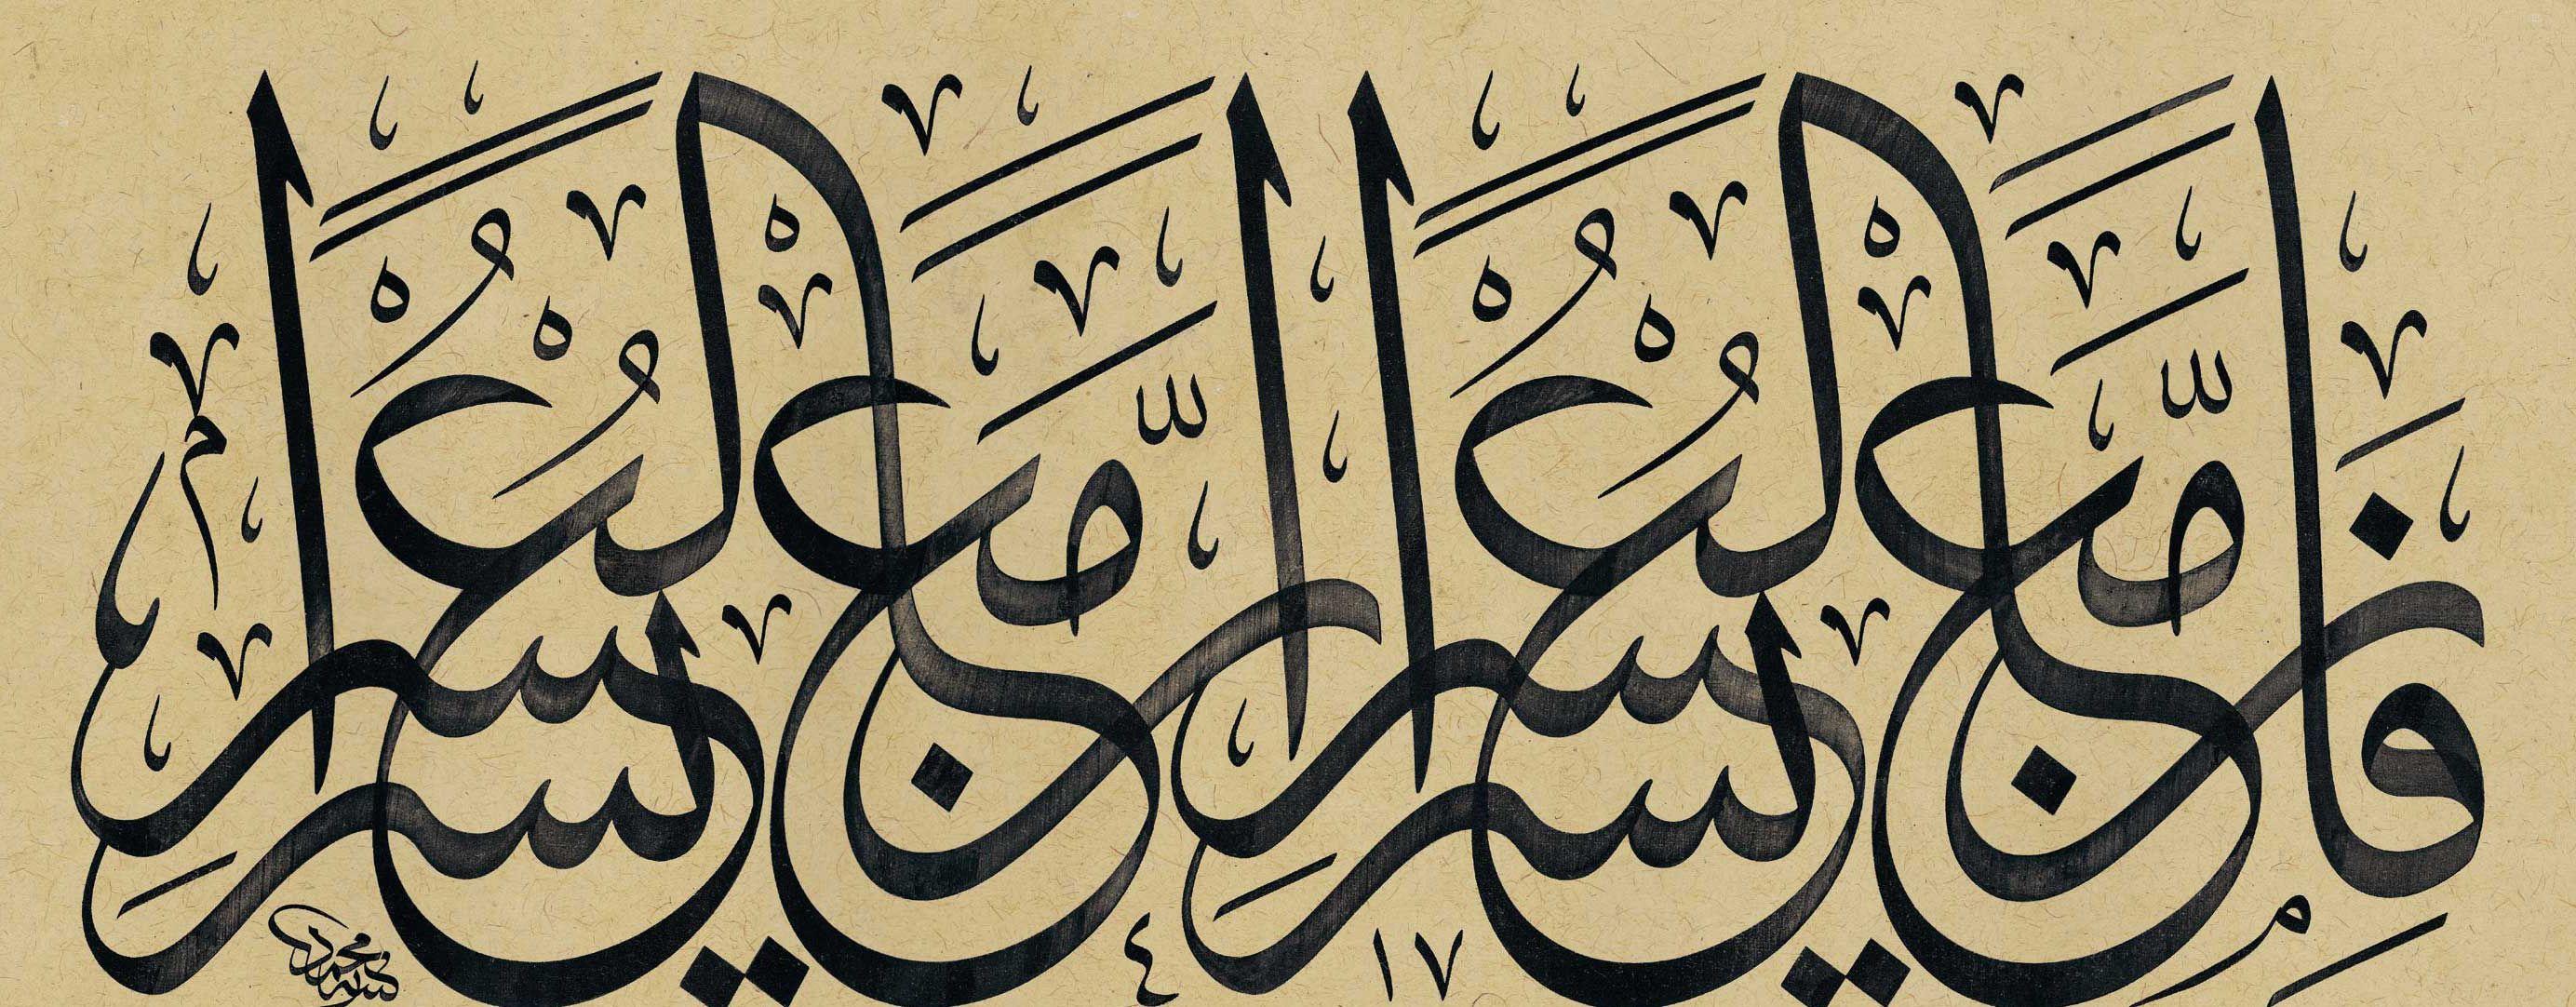 فإن مع العسر يسرا إن مع العسر يسرا Islamic Art Calligraphy Islamic Calligraphy Islamic Art